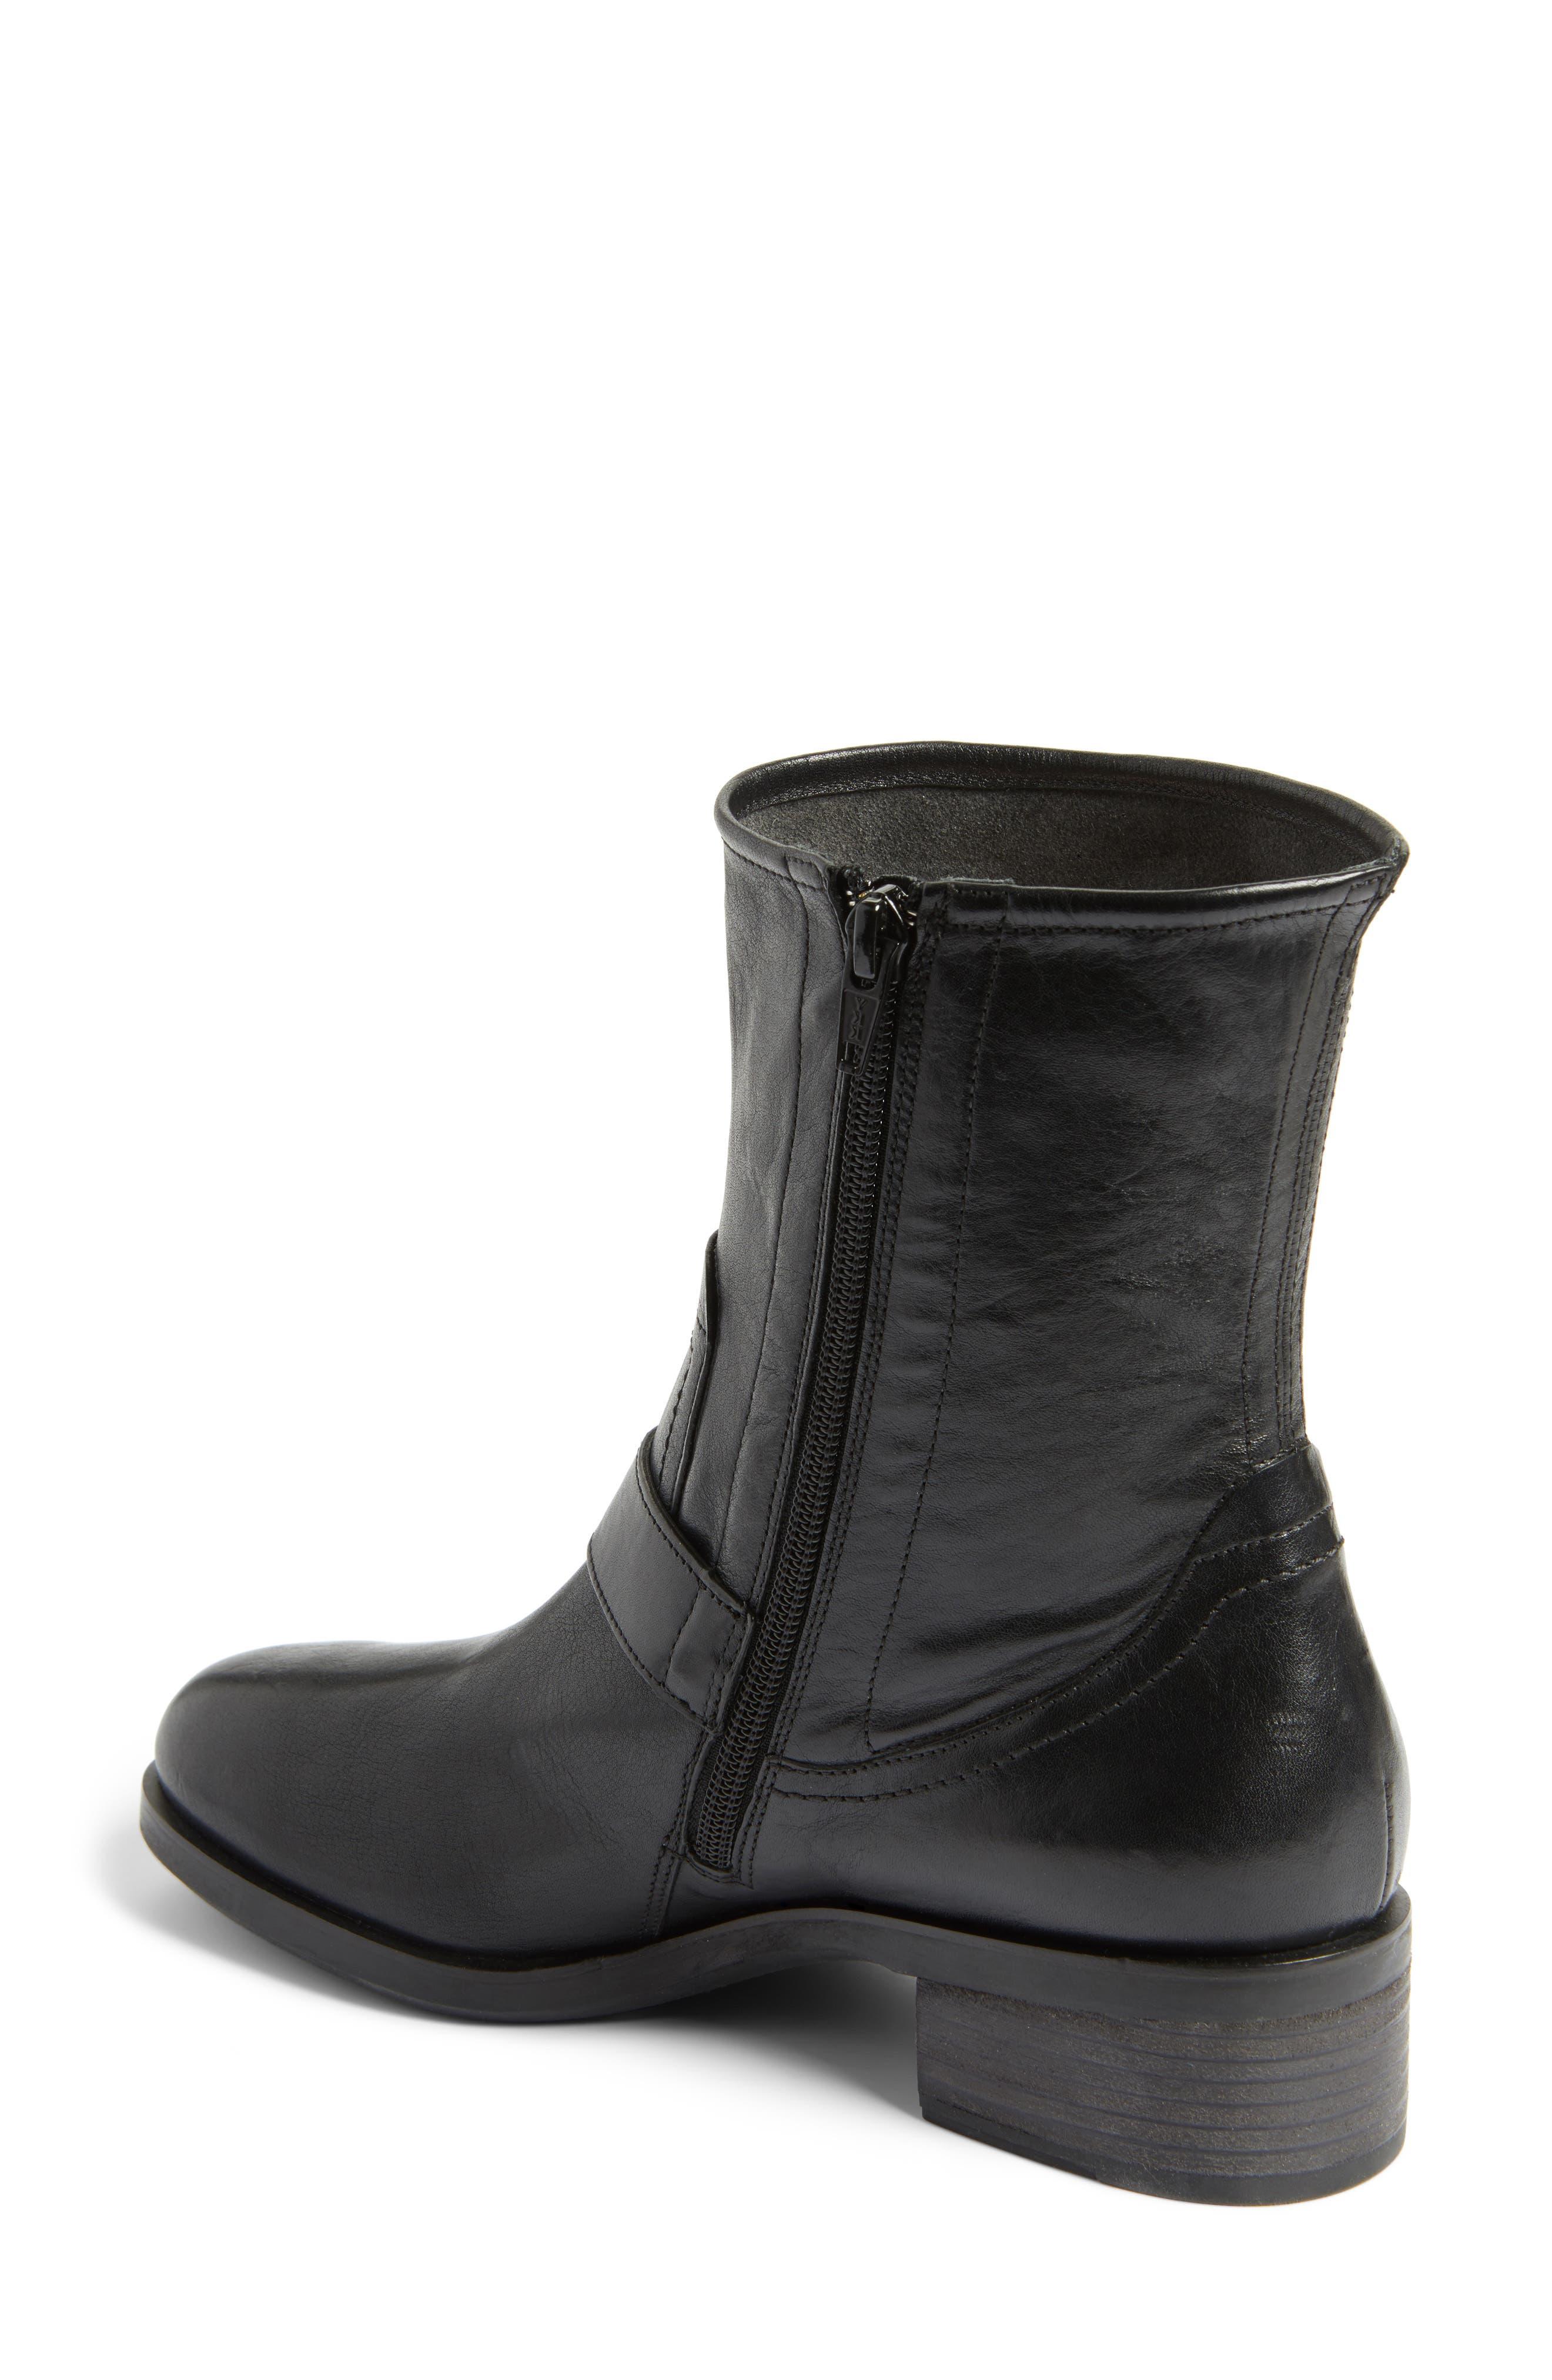 Nixon Moto Boot,                             Alternate thumbnail 2, color,                             Black Leather